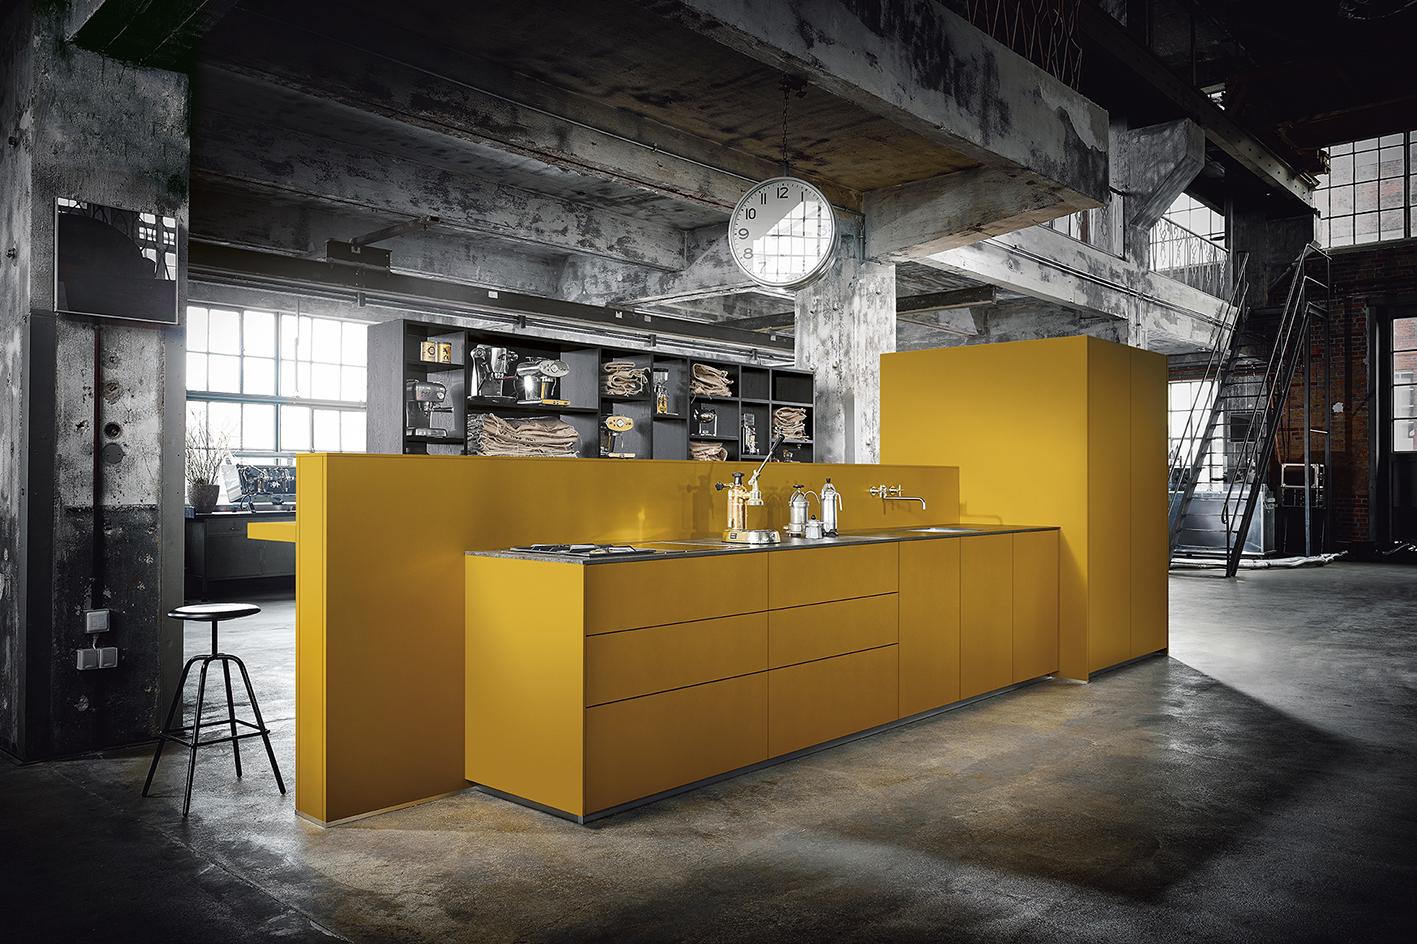 Cuisine unique moderne design épurée industriel allemand sur mesure haut de gamme